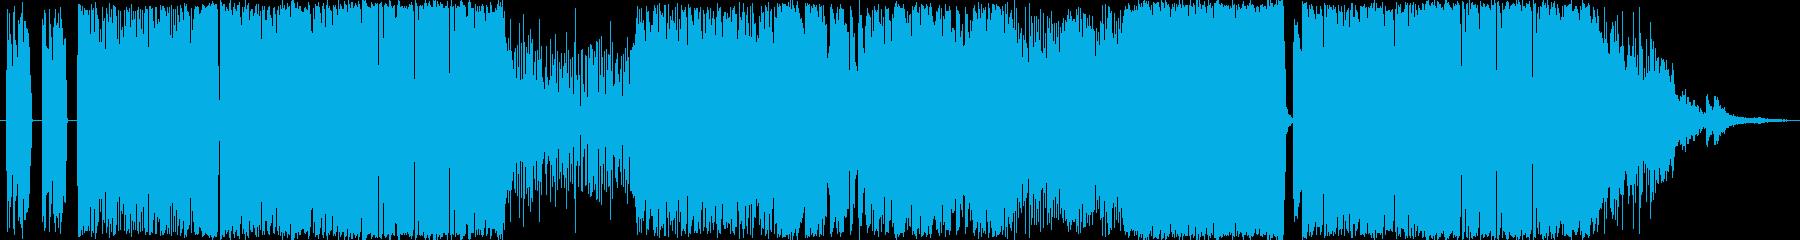 格闘シーン用激しいロックBGMの再生済みの波形